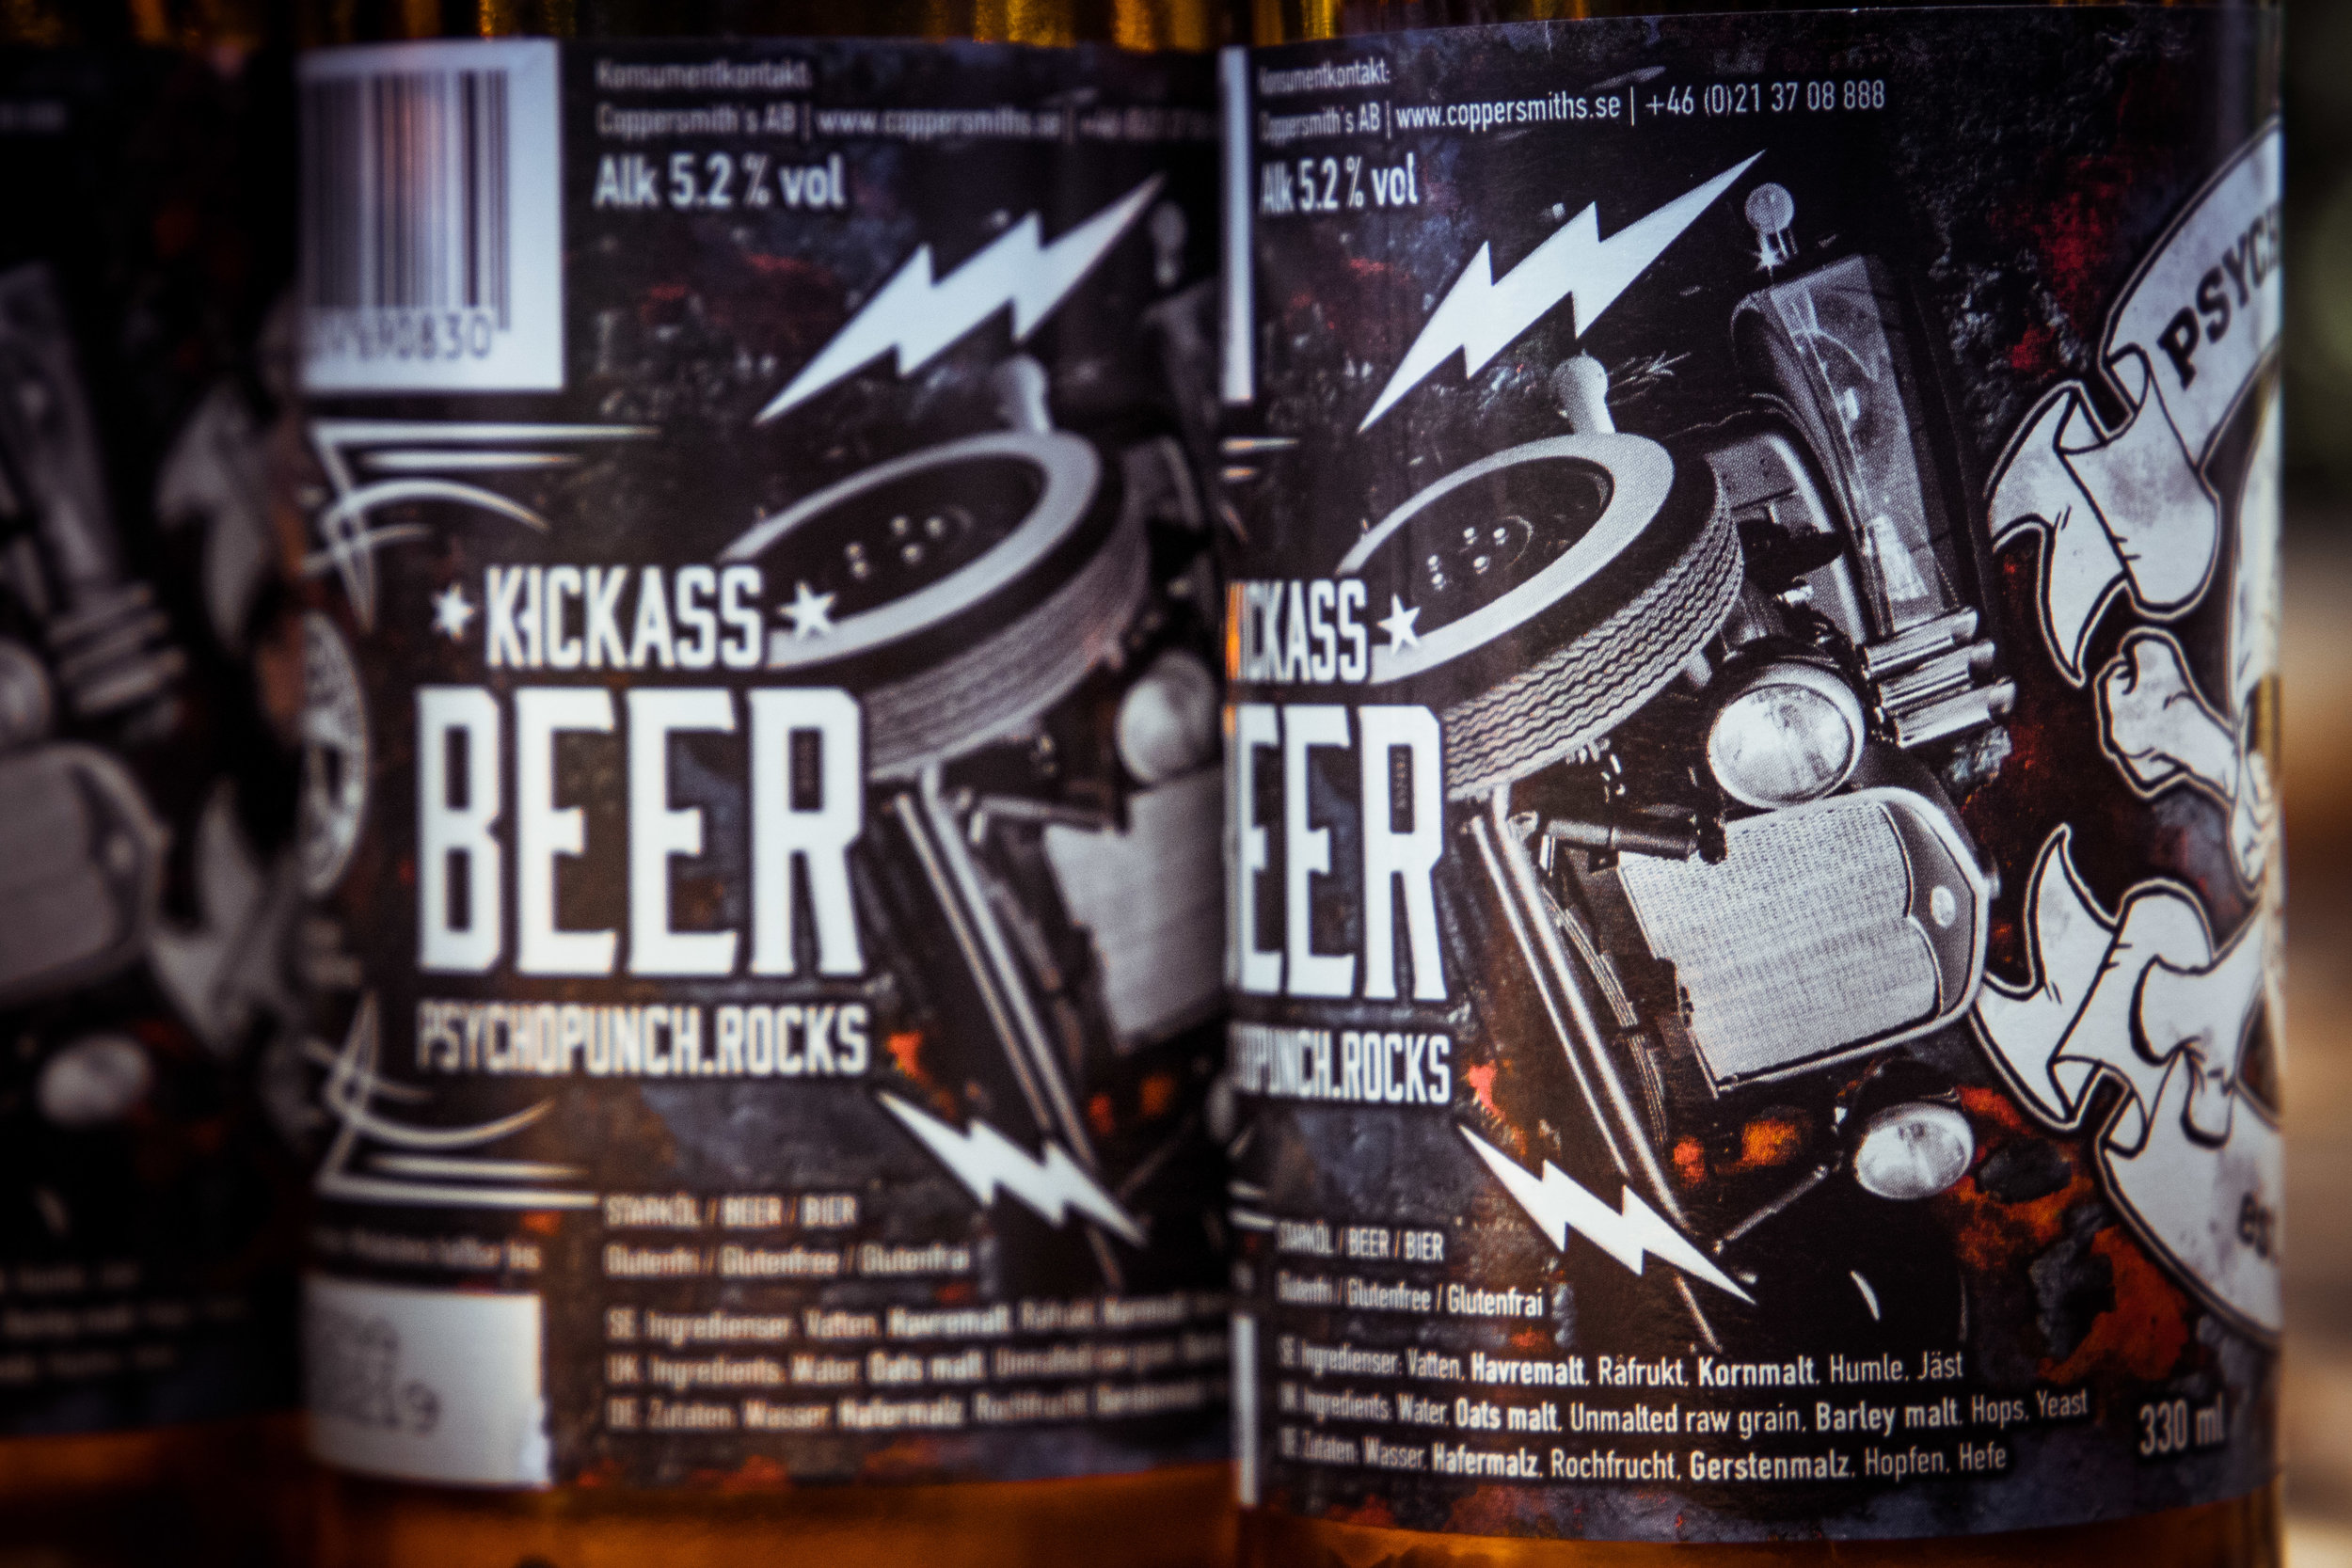 Psychopunch Beer by Dirk Behlau 2018-4714.jpg